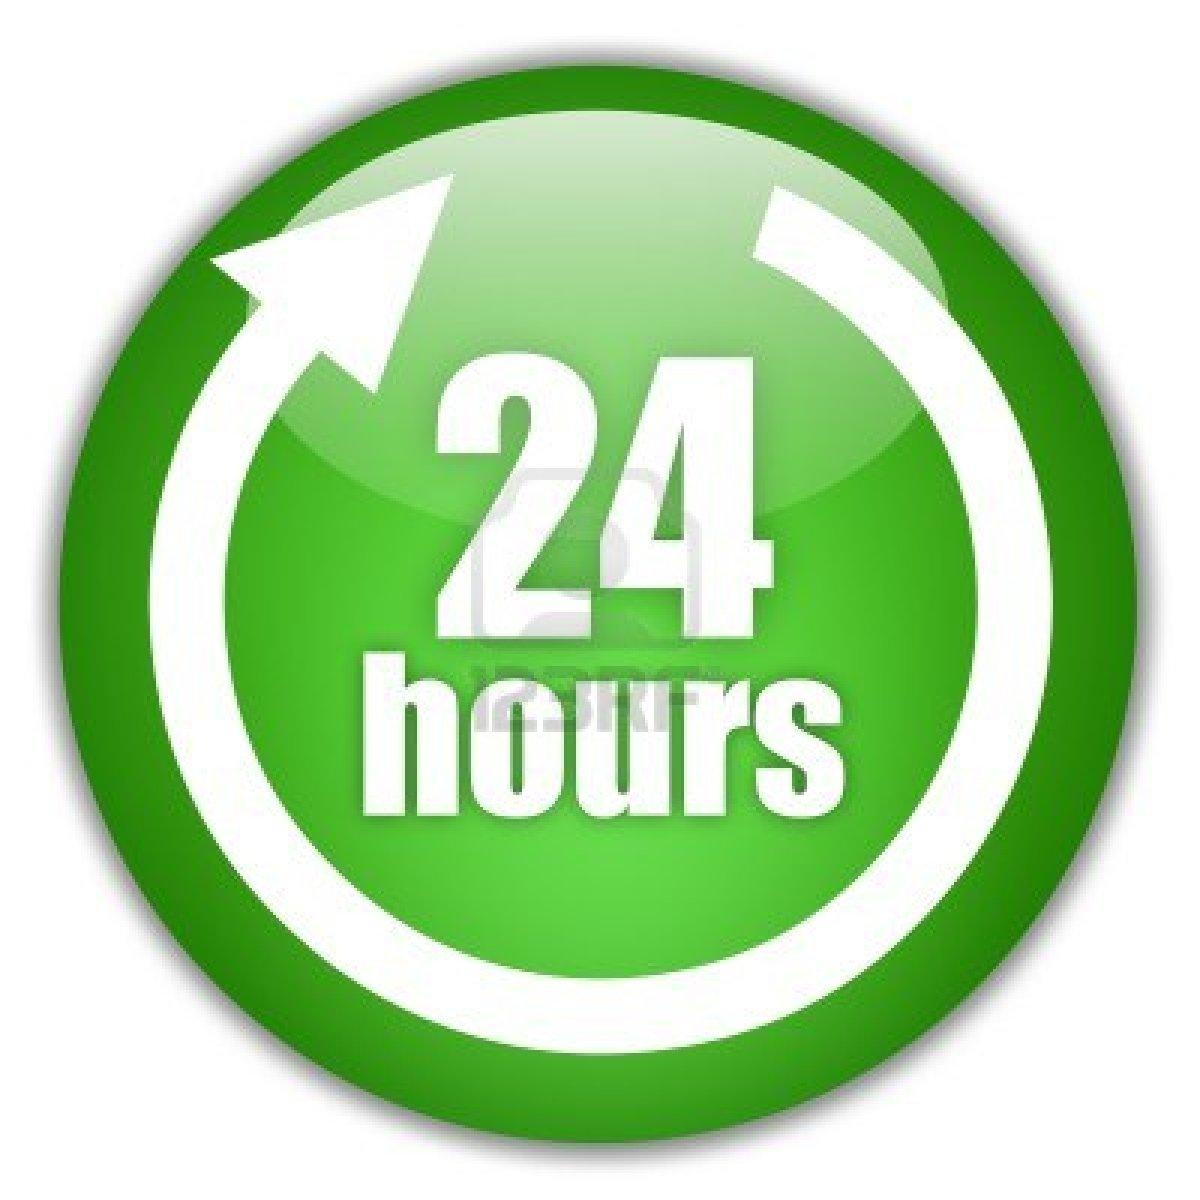 9549290-logotipo-verde-de-servicio-de-24-horas.jpg